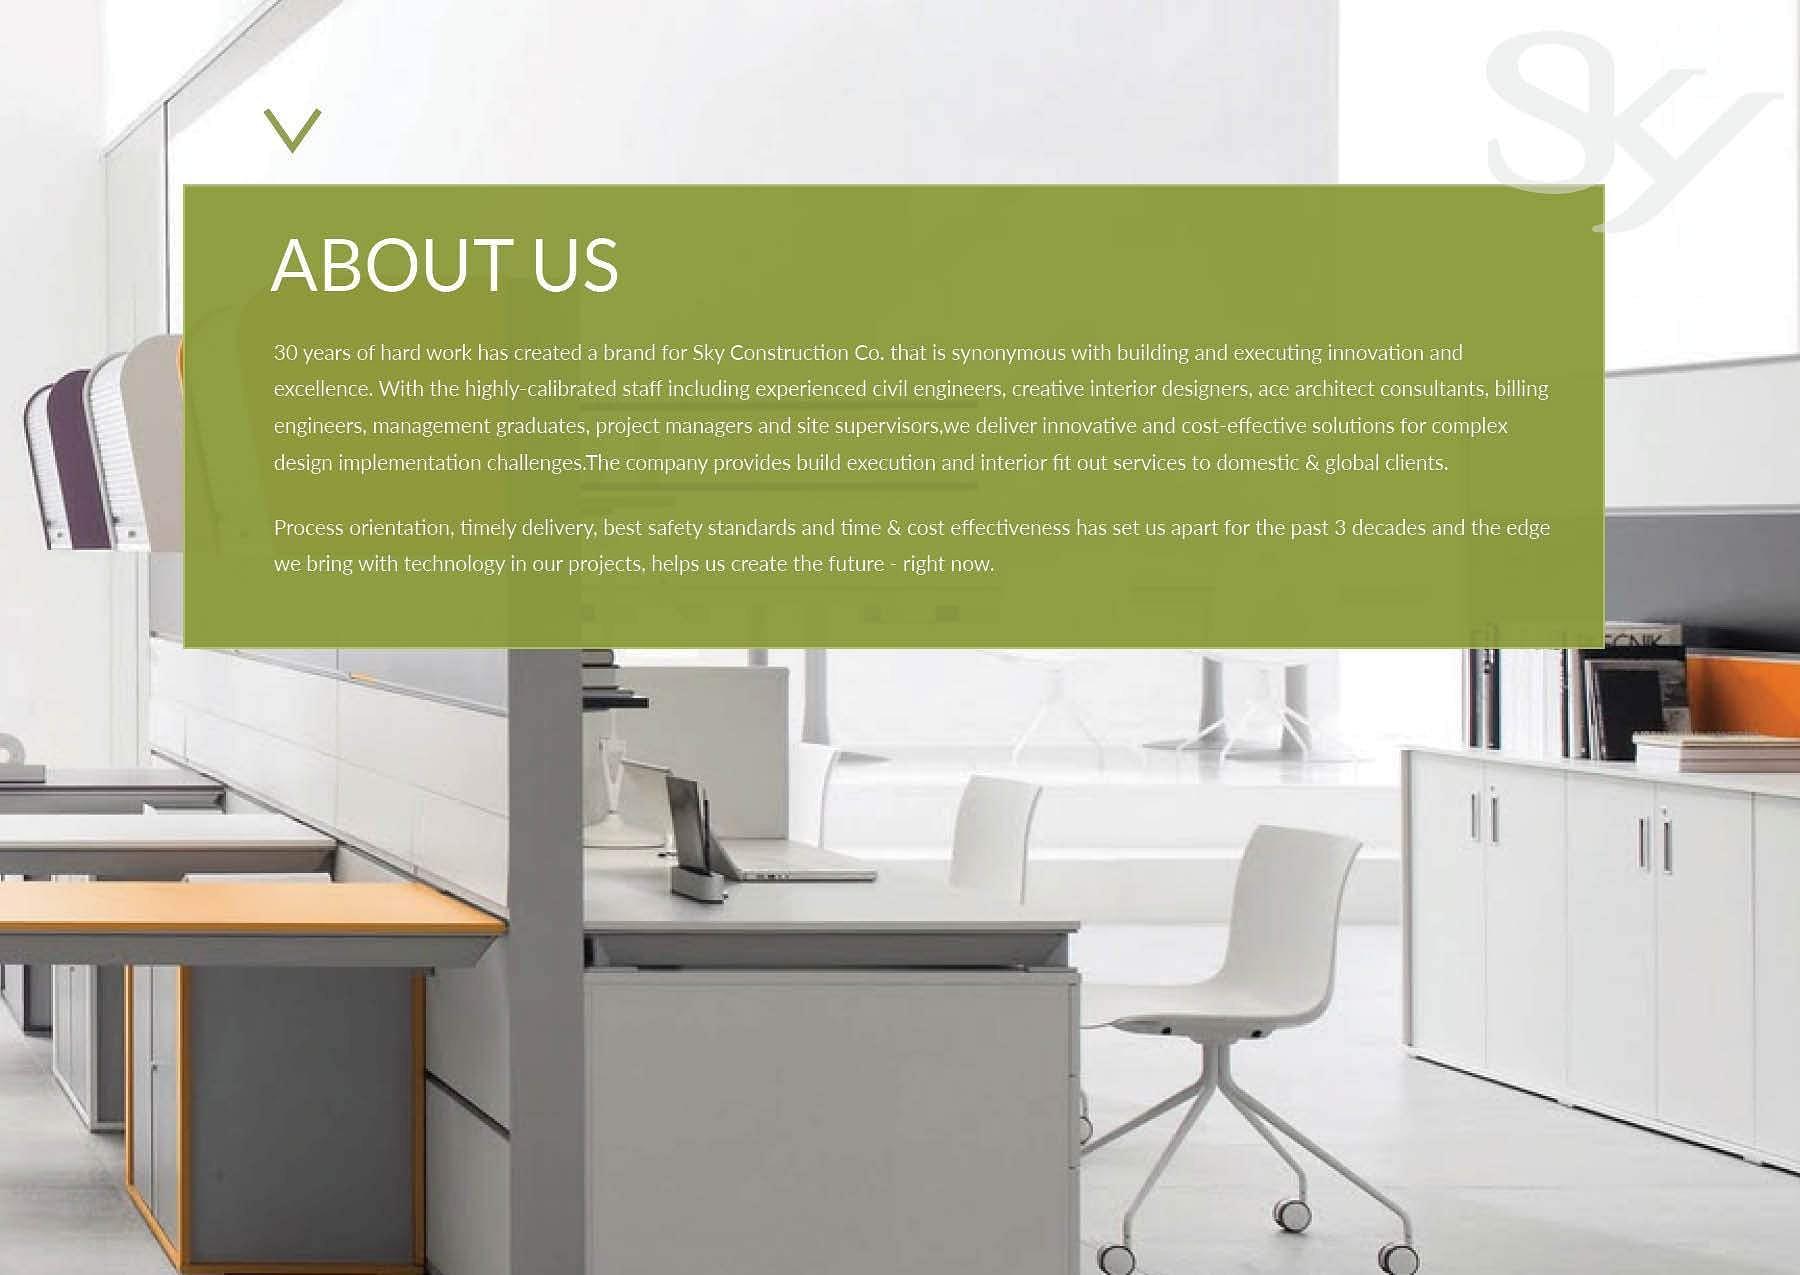 IVS School of Design New Delhi Admissions Contact Website